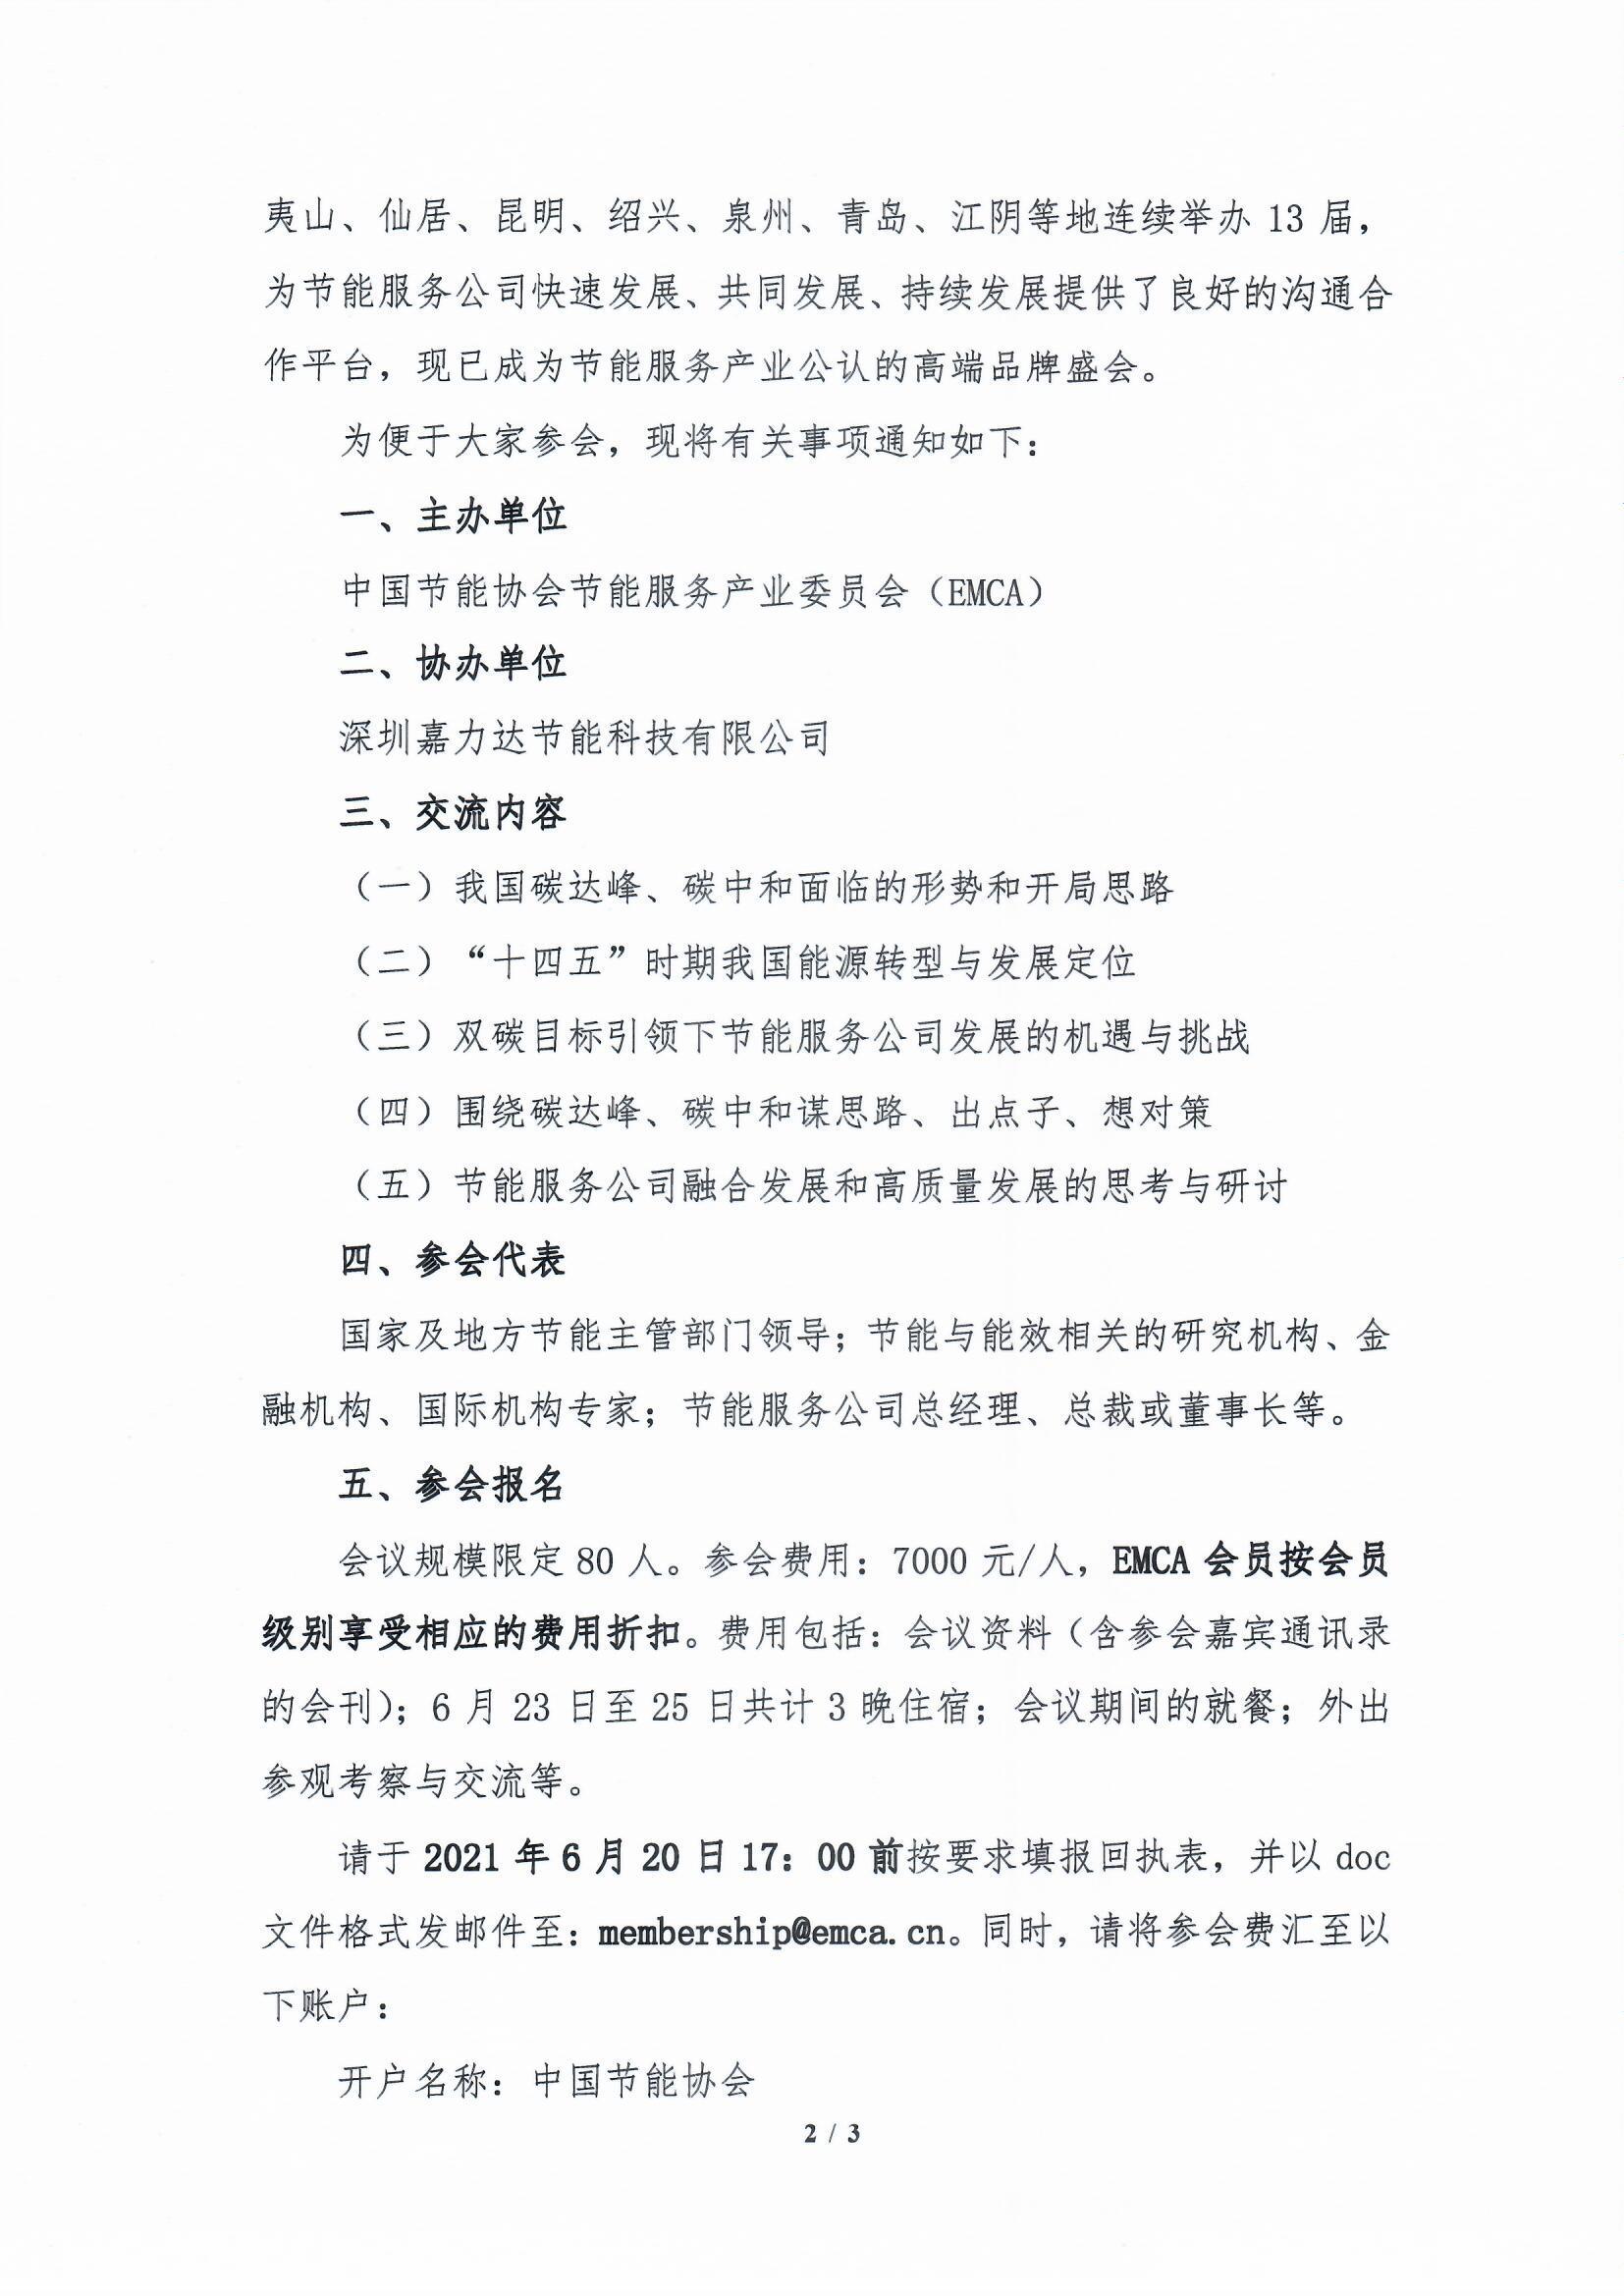 第十四届节能服务产业企业家高峰论坛通知_页面_2.jpg